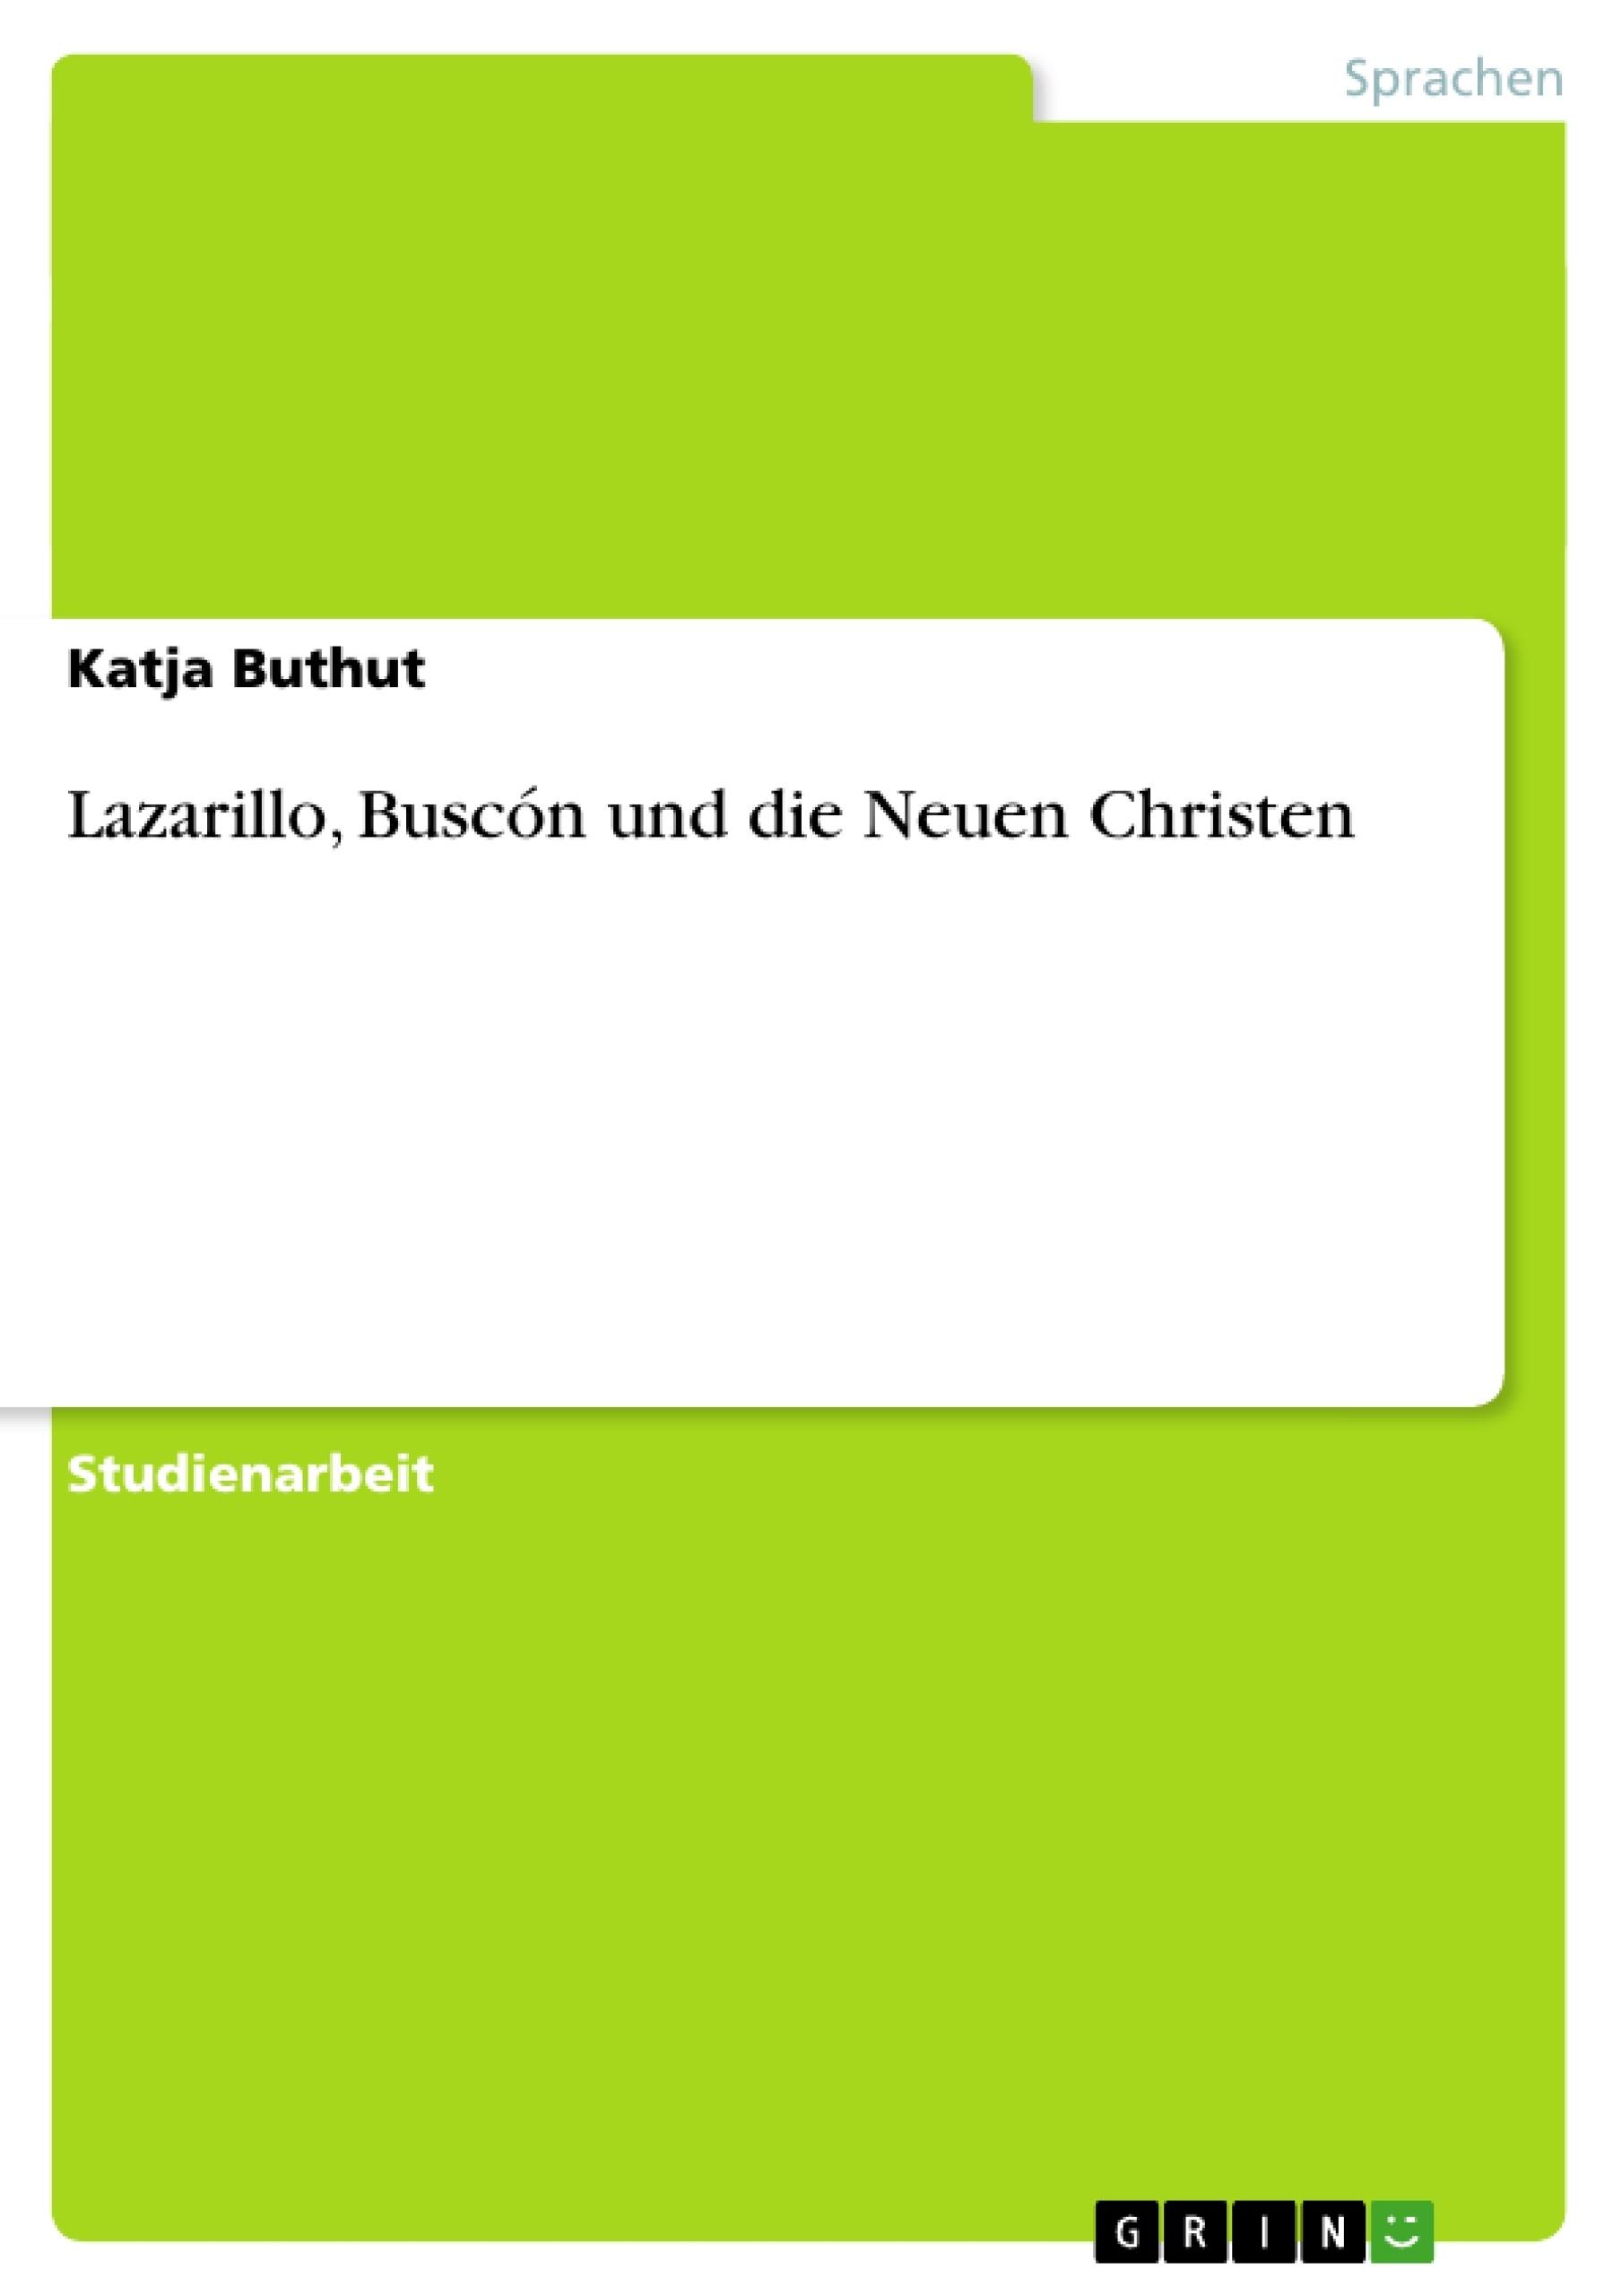 Titel: Lazarillo, Buscón und die Neuen Christen